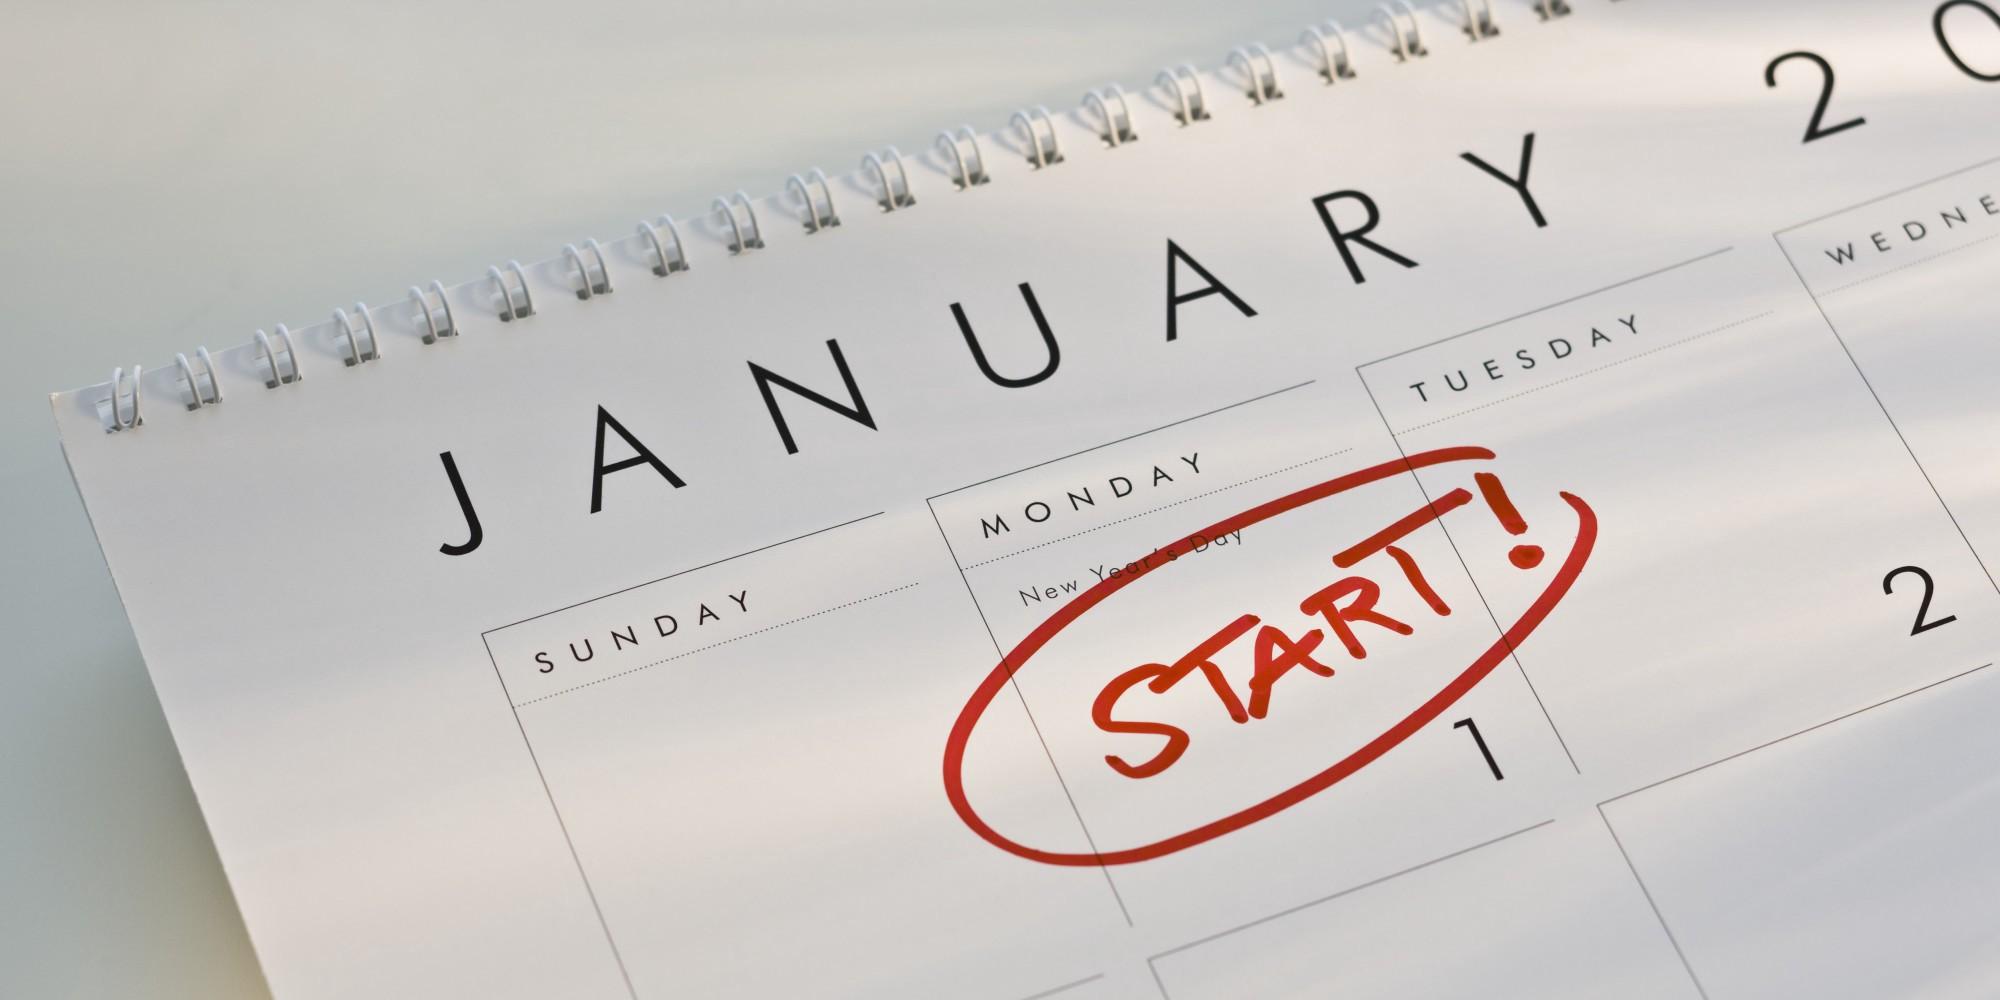 اهداف سال جدید و روش رسیدن بهشون